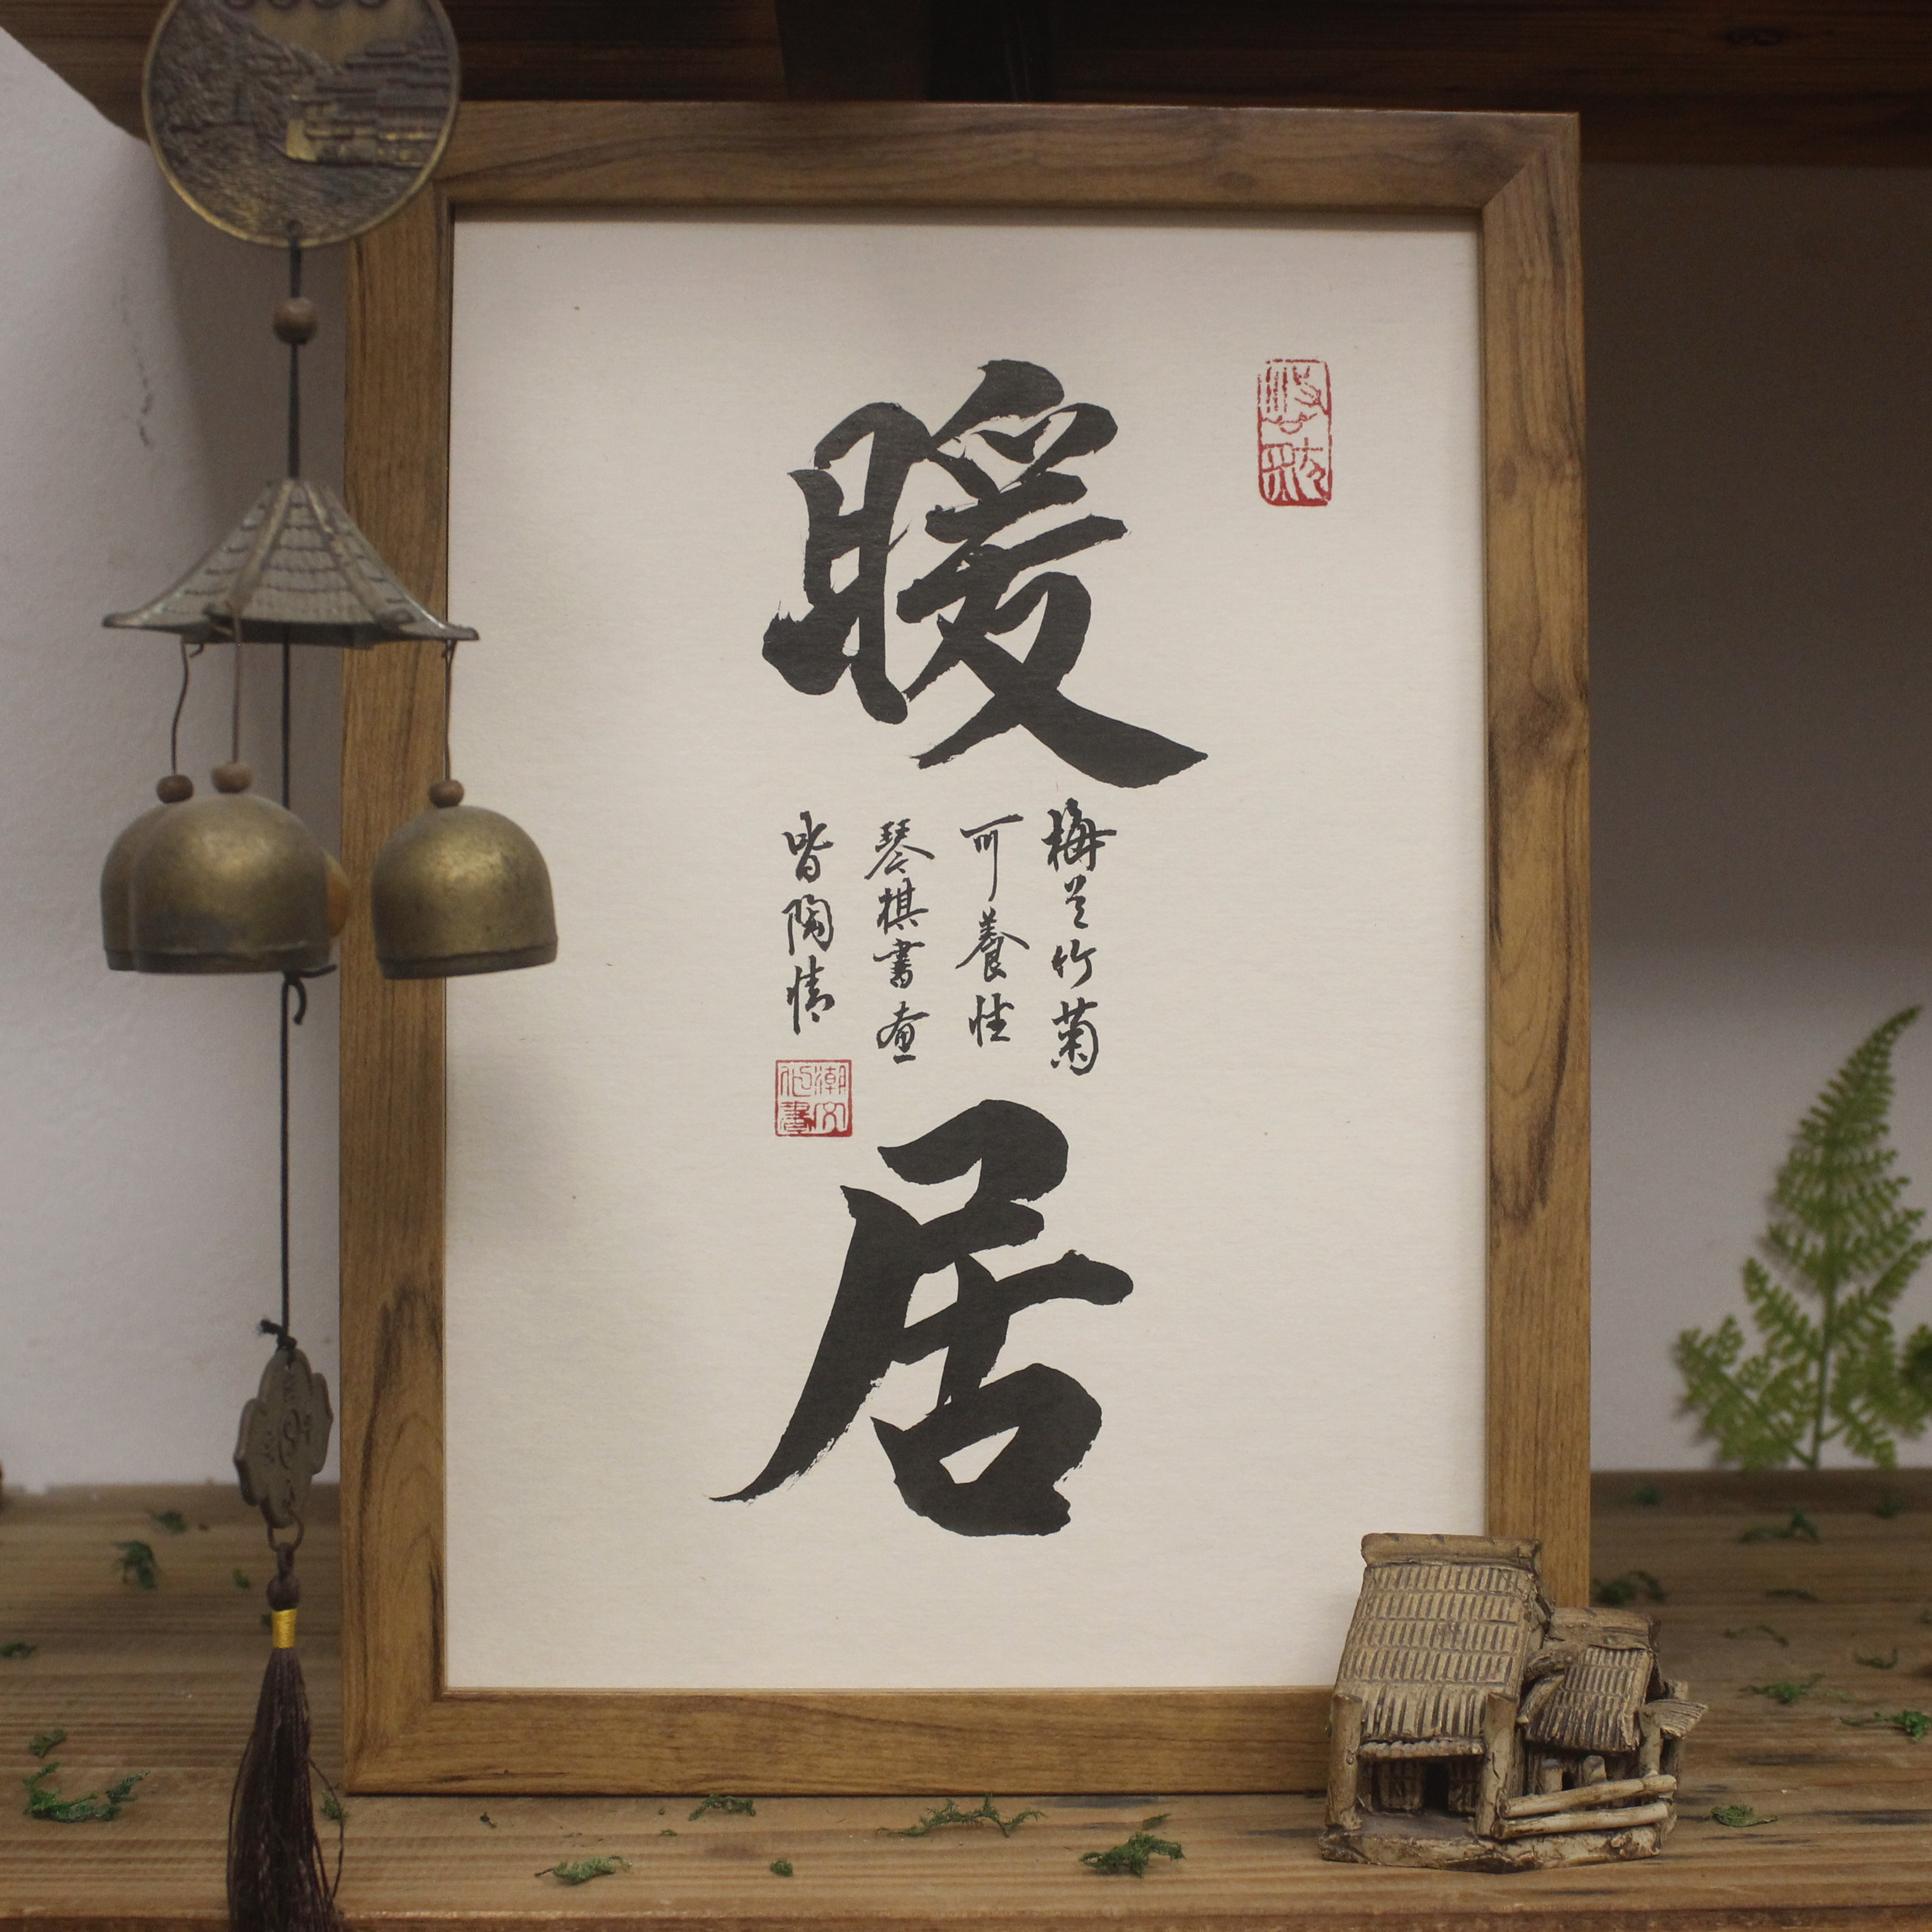 書法手寫真跡勵志座銘擺臺個姓禮物辦公桌面實木裝暖居框字畫掛畫